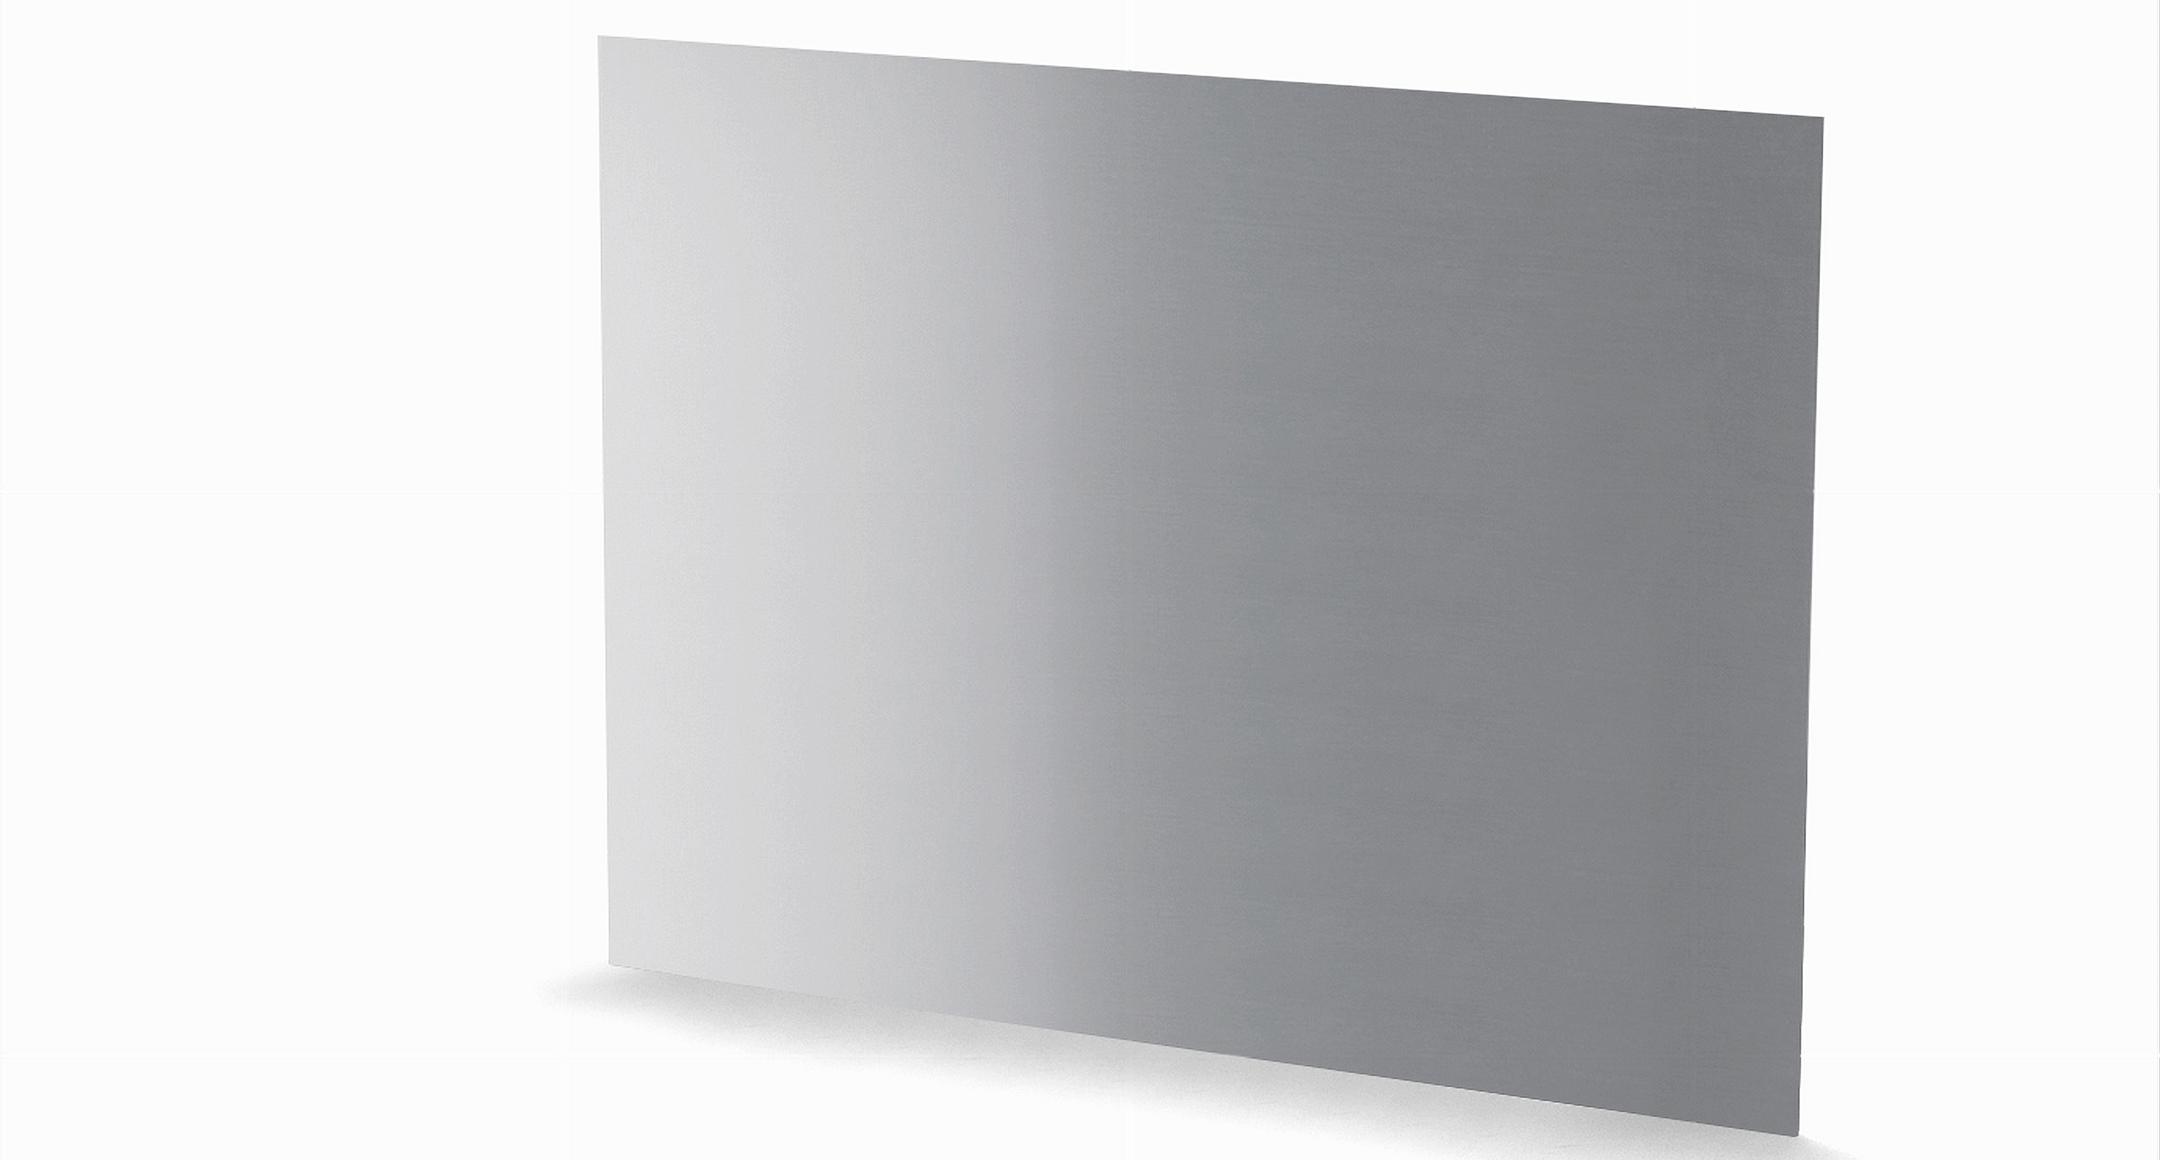 アルミヘアライン化粧パネル MAシリーズの画像